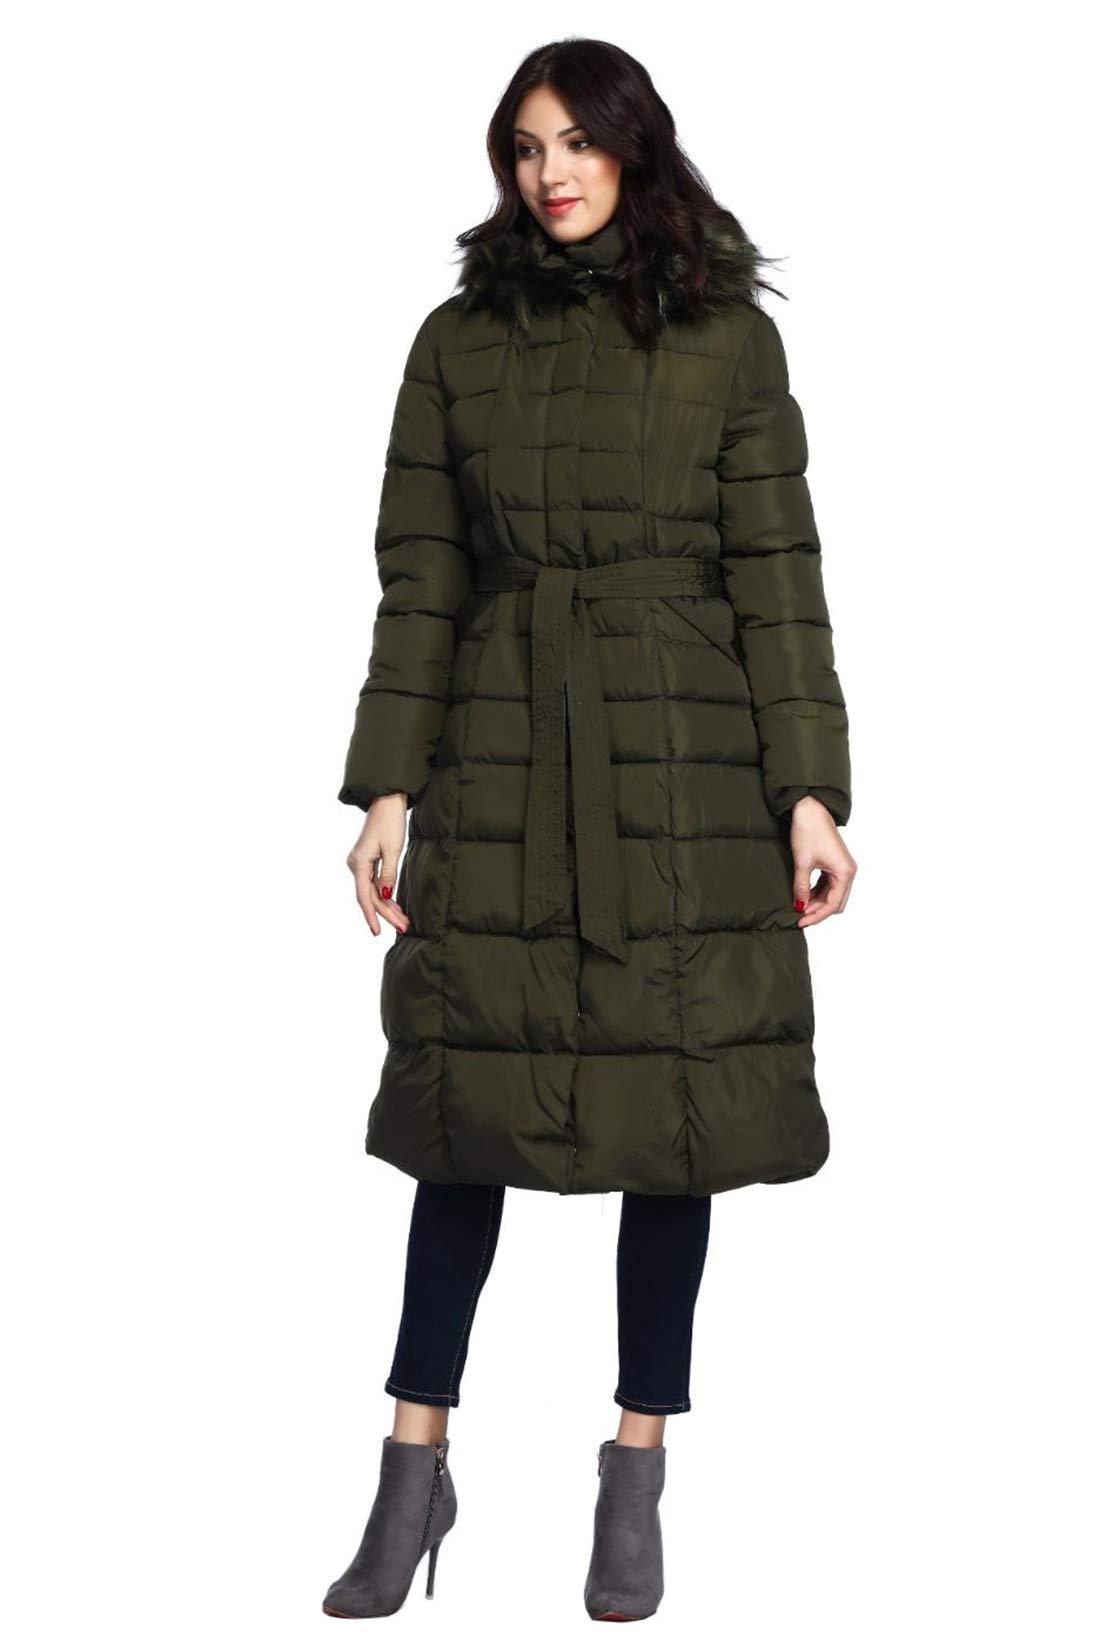 JHIJSC ダウンコート レディース ロング コート ダウンジャケット 中綿 ロングコート ゆったり 無地 秋冬 防寒 防風 大きいサイズ